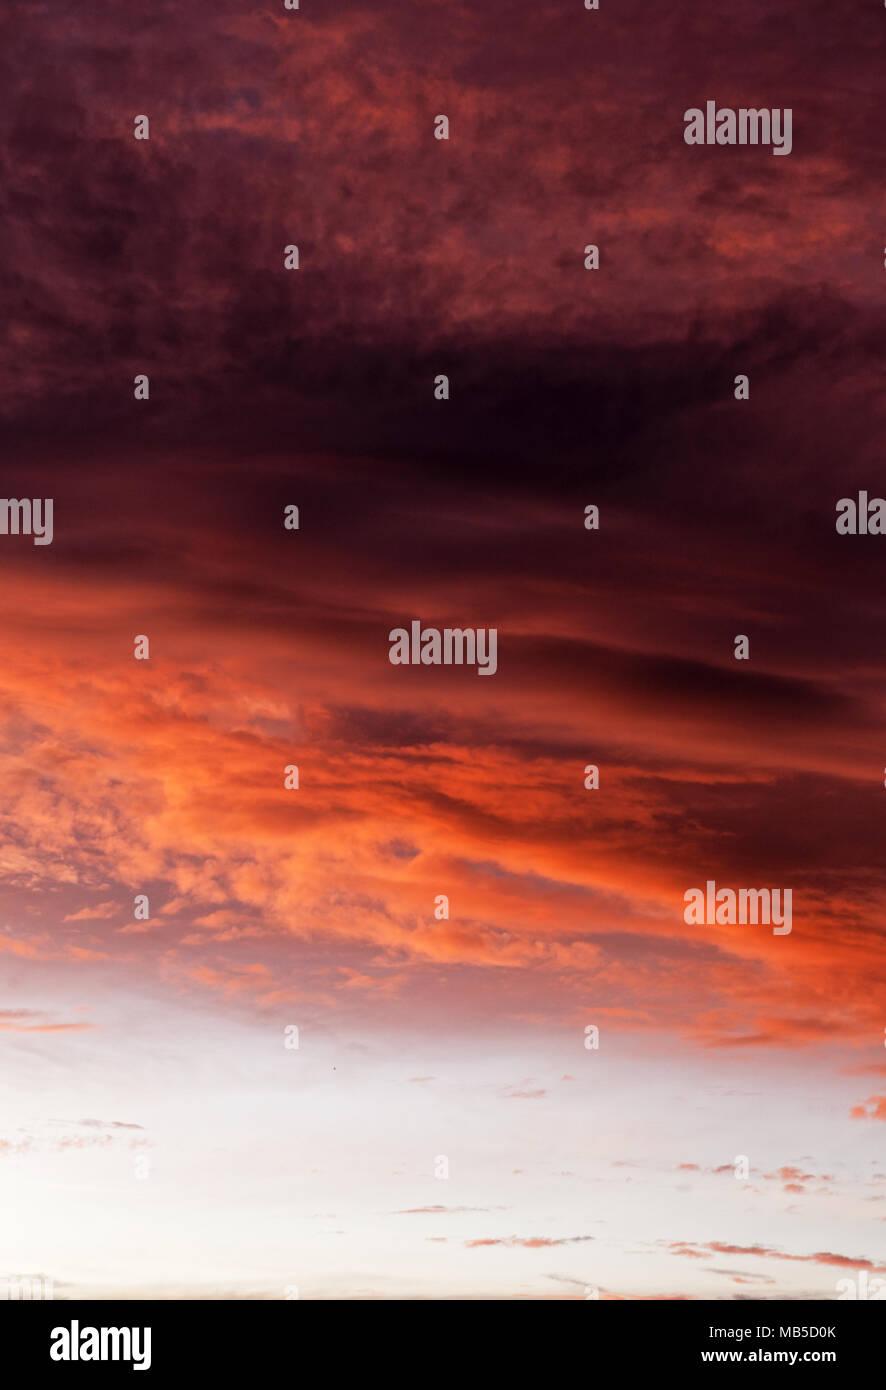 Dramatischer sonnenuntergang himmel mit Abend Himmel Wolken leuchten durch helles Sonnenlicht Stockbild